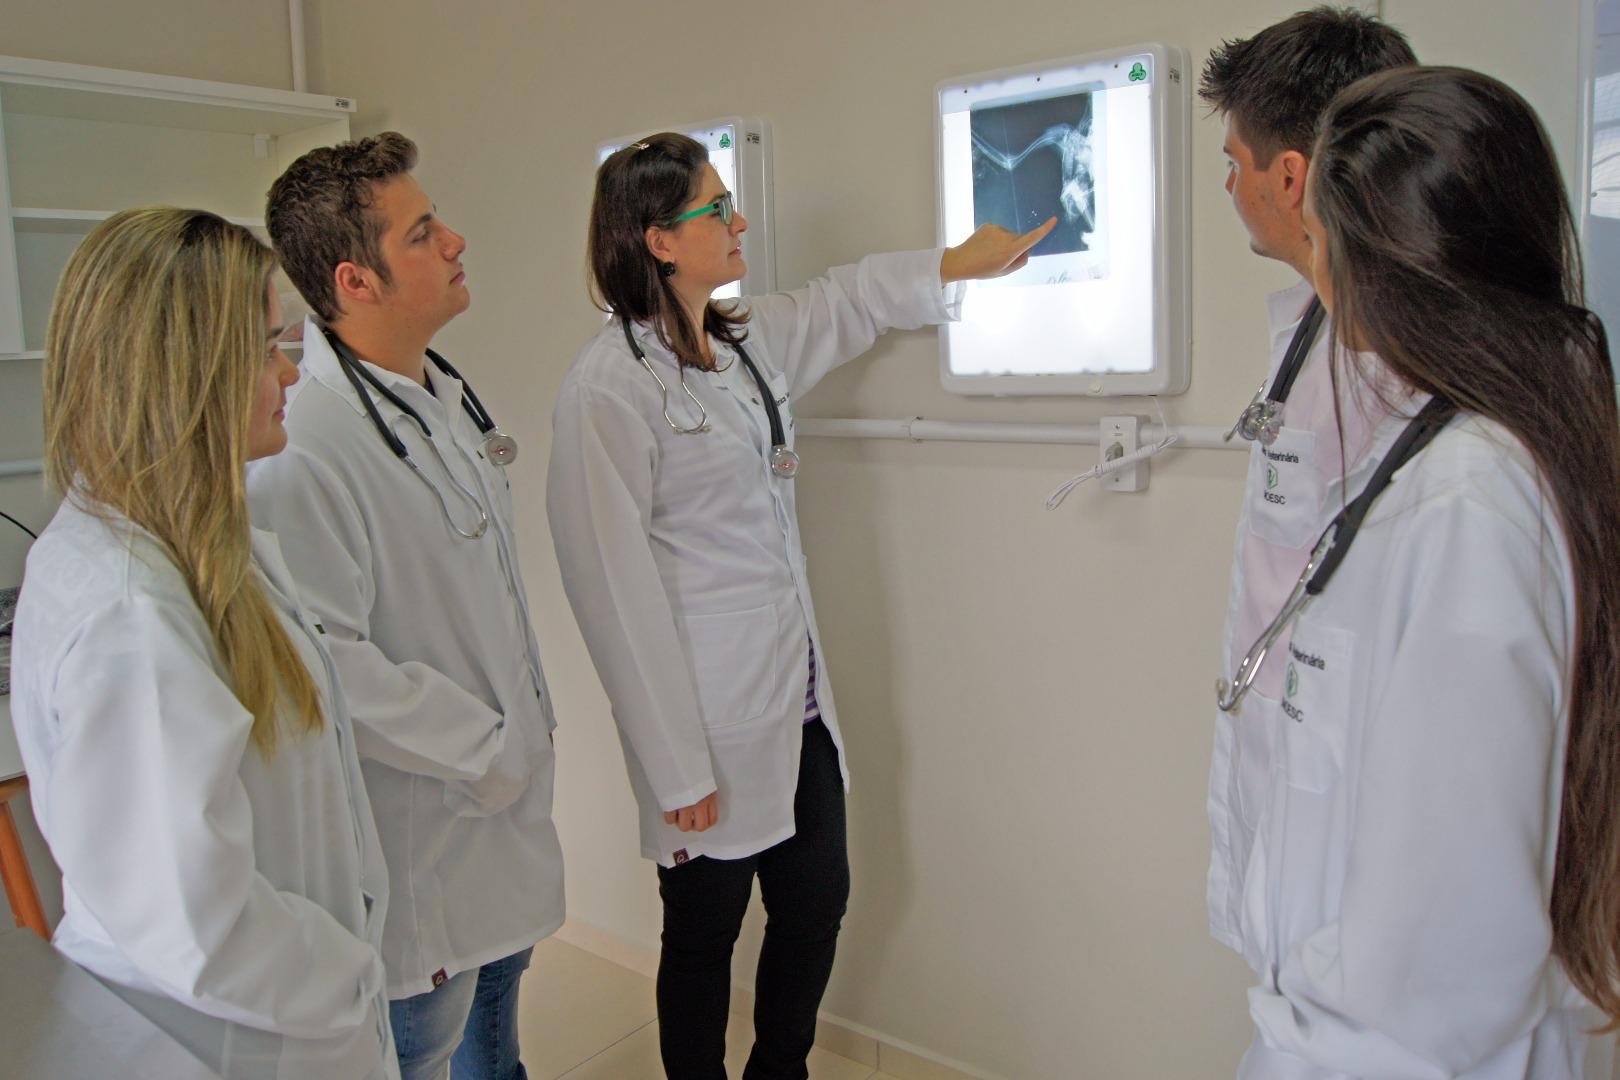 Curso de Medicina Veterinária da Unoesc conquista conceito quatro no MEC